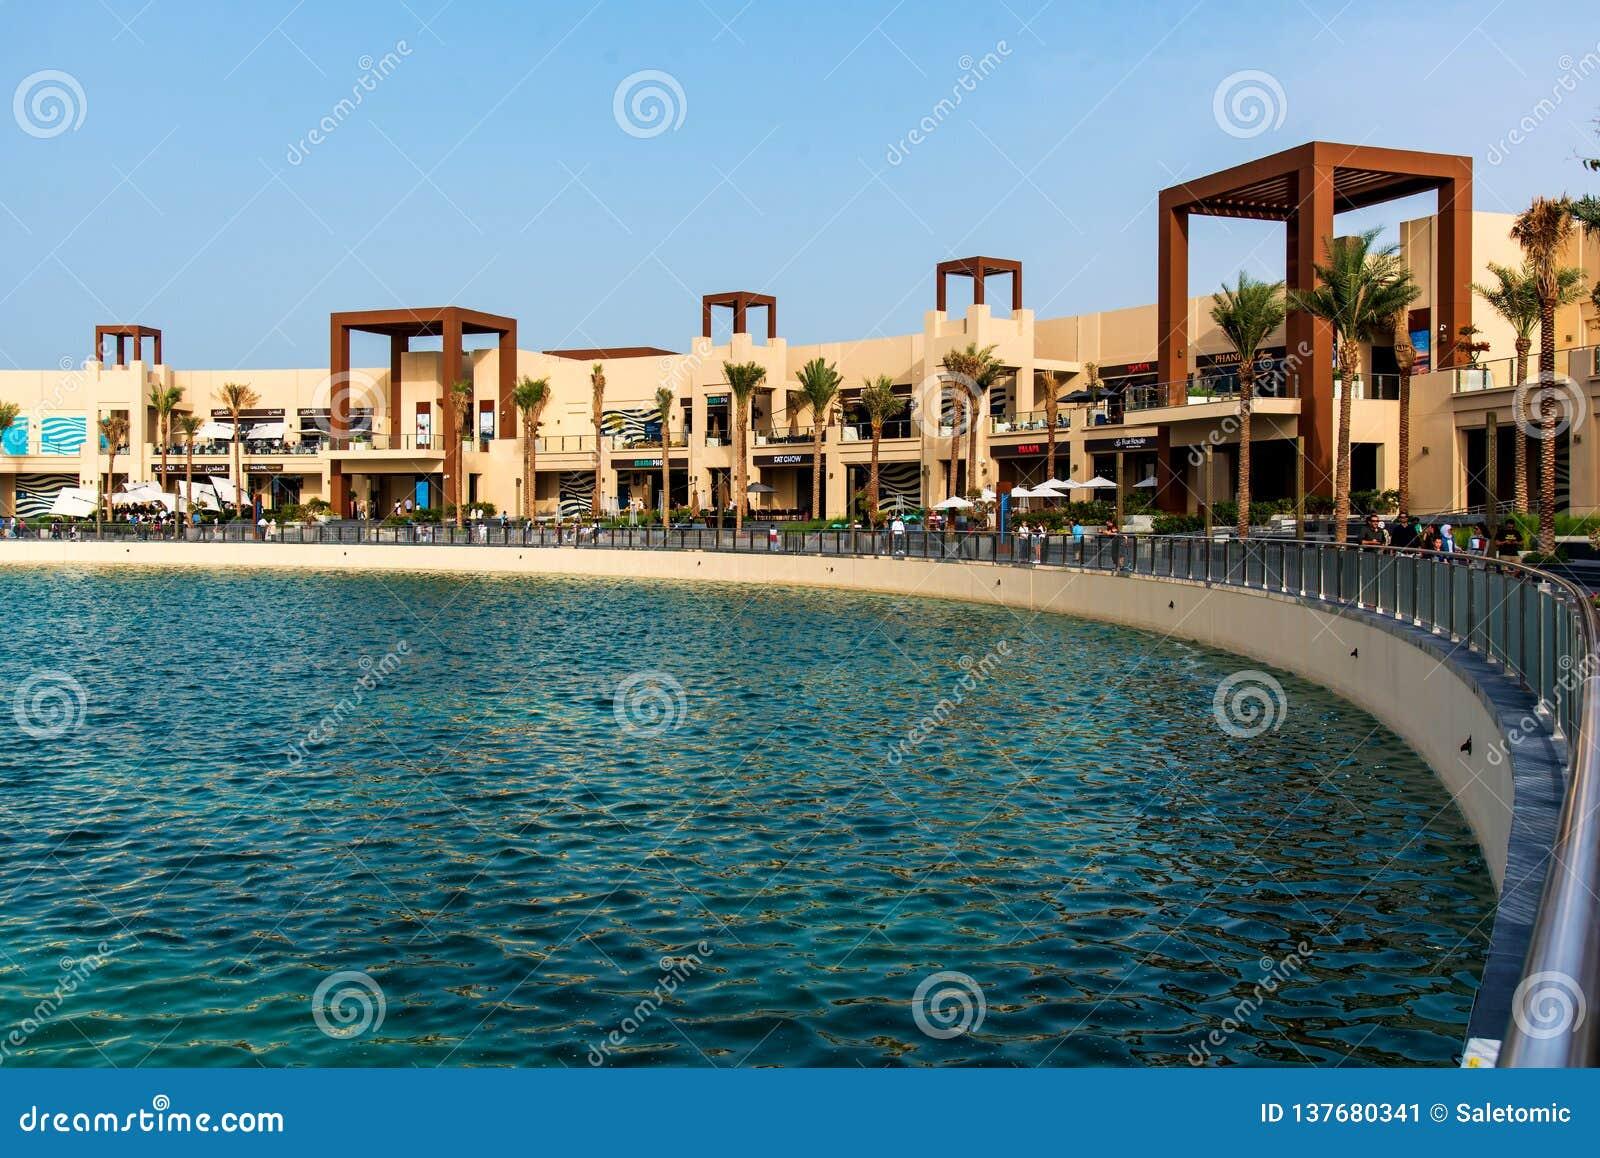 Doubai, Verenigde Arabische Emiraten - 25 Januari, 2019: Pointe-het dineren en het vermaakbestemming van de waterkant bij de Palm